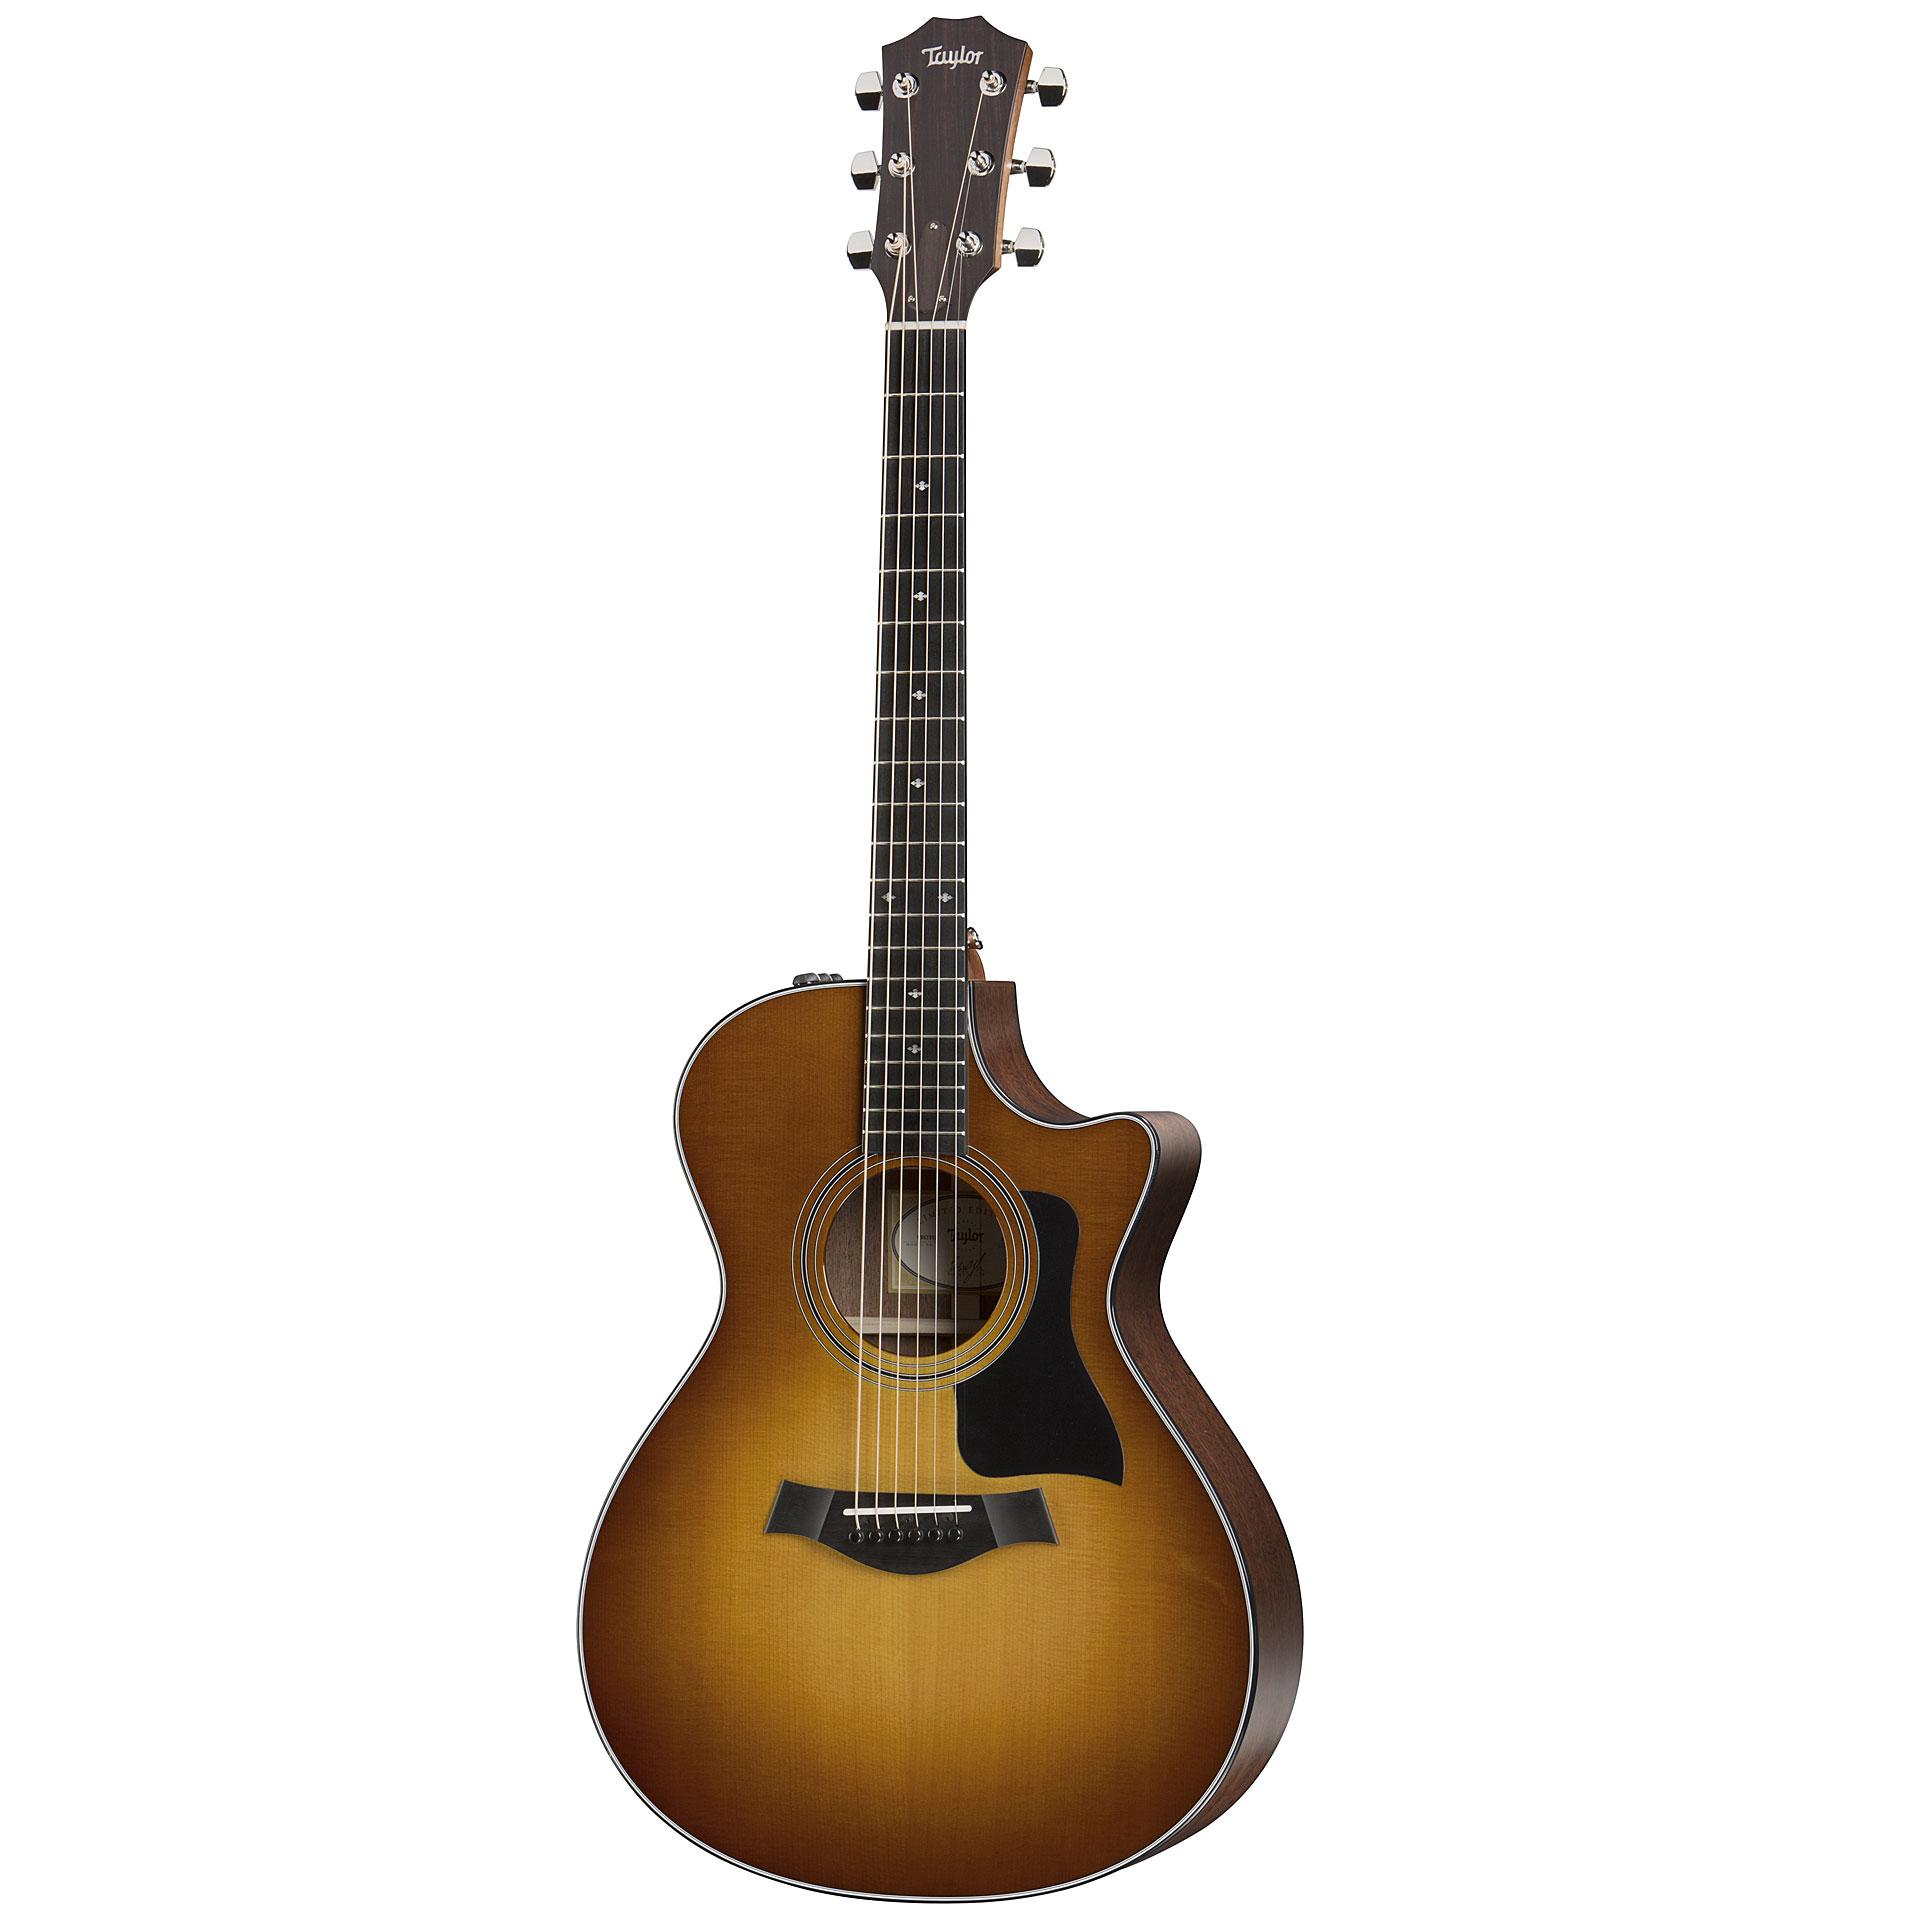 taylor 312ce 12 fret ltd acoustic guitar. Black Bedroom Furniture Sets. Home Design Ideas